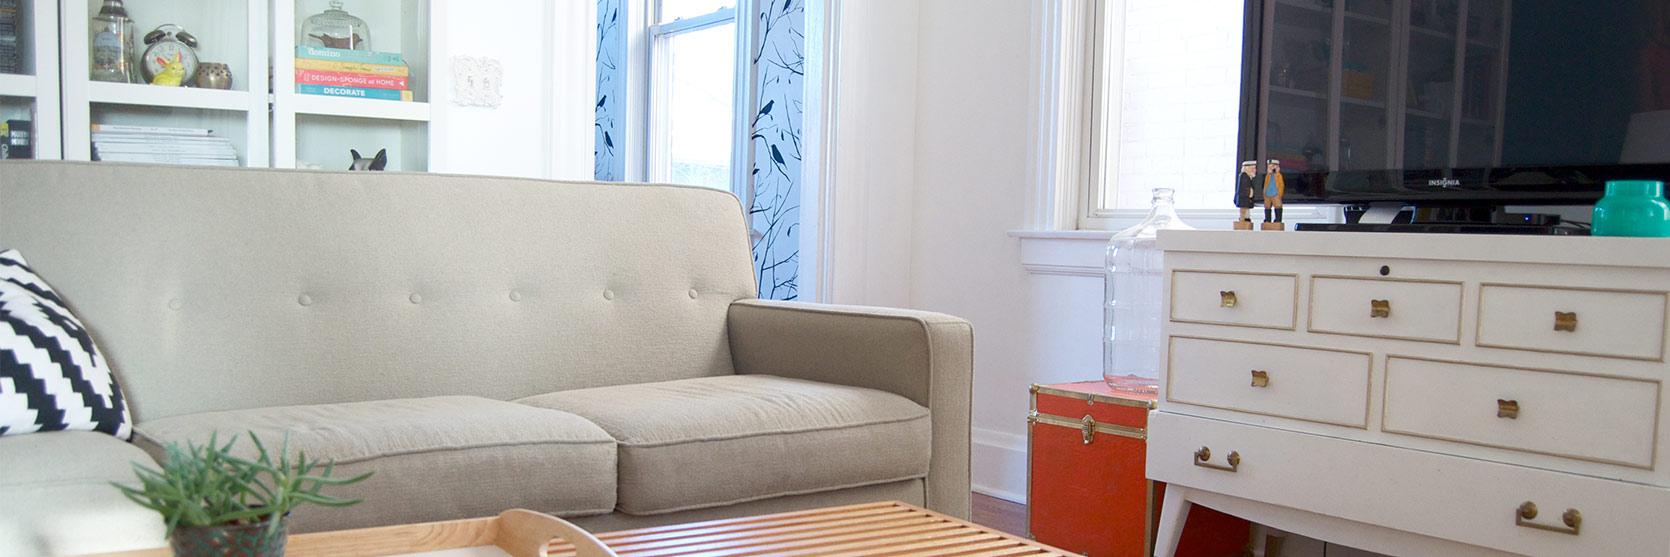 Empresa especializada en Reformas y Decoración de Interiores |CRVM